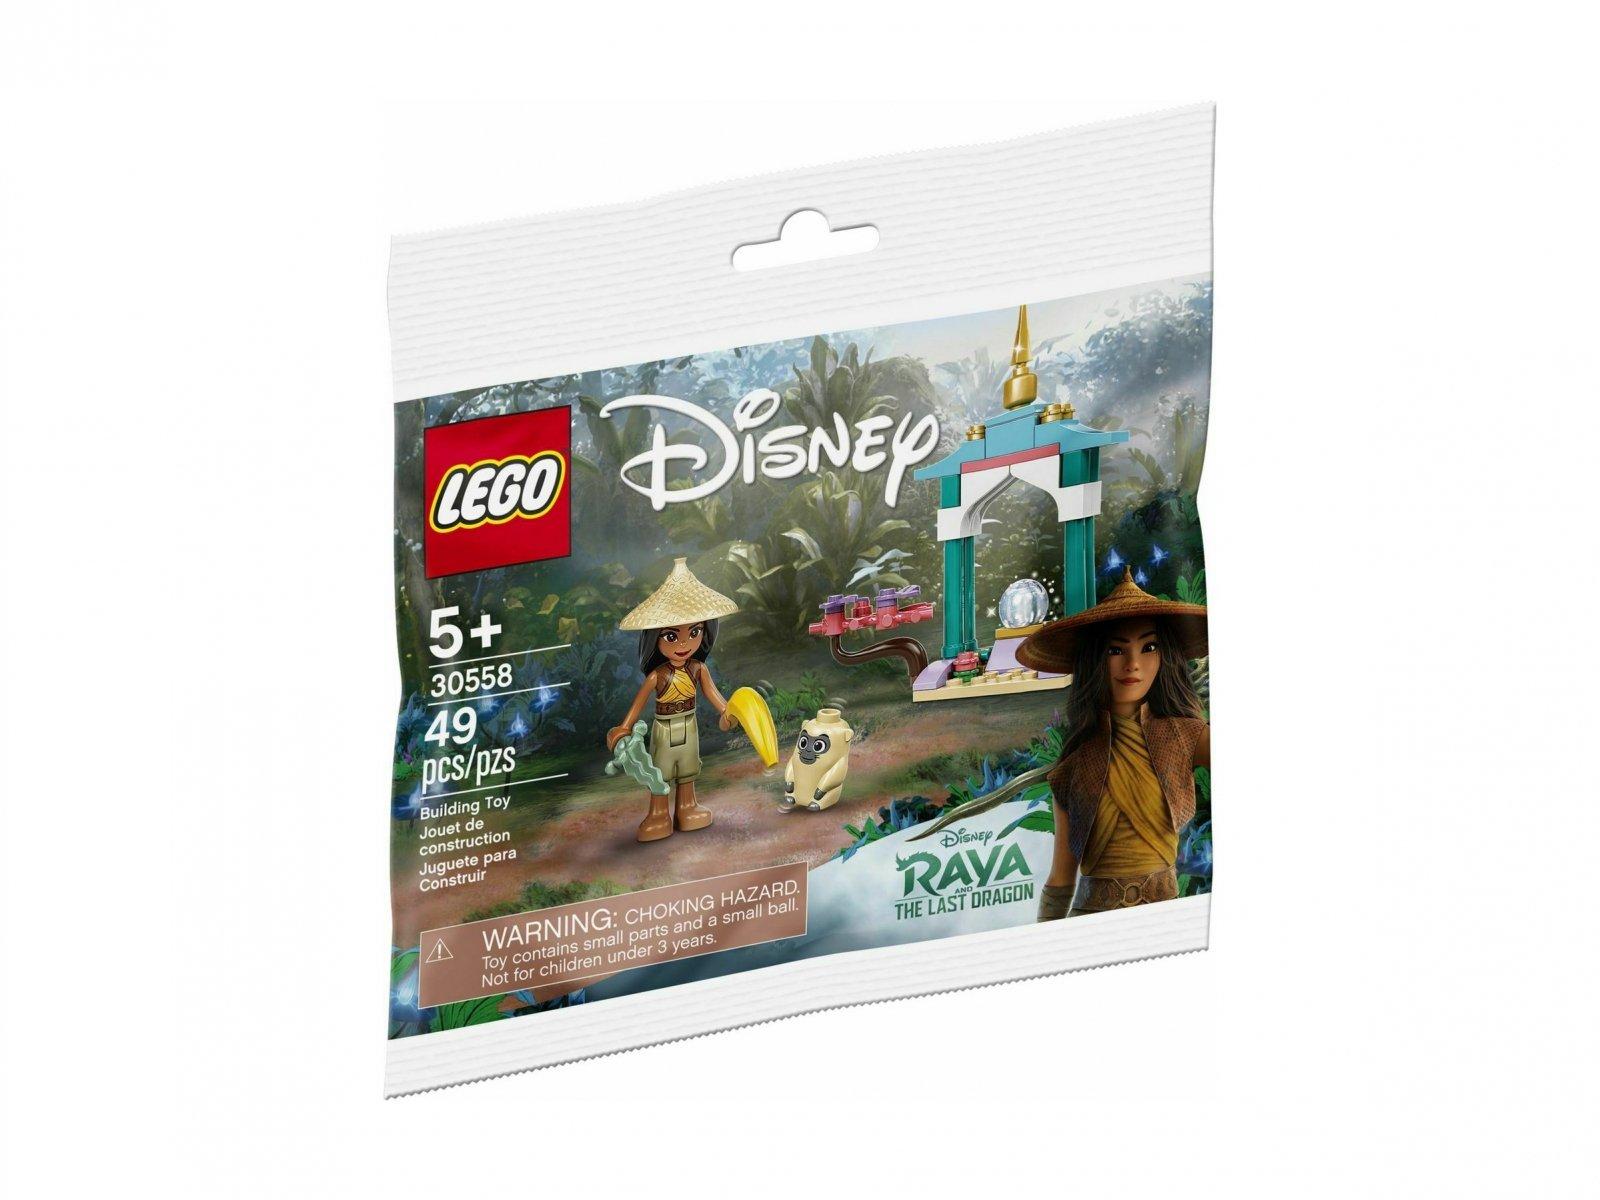 LEGO Disney Raya, Ongi i wielka przygoda 30558